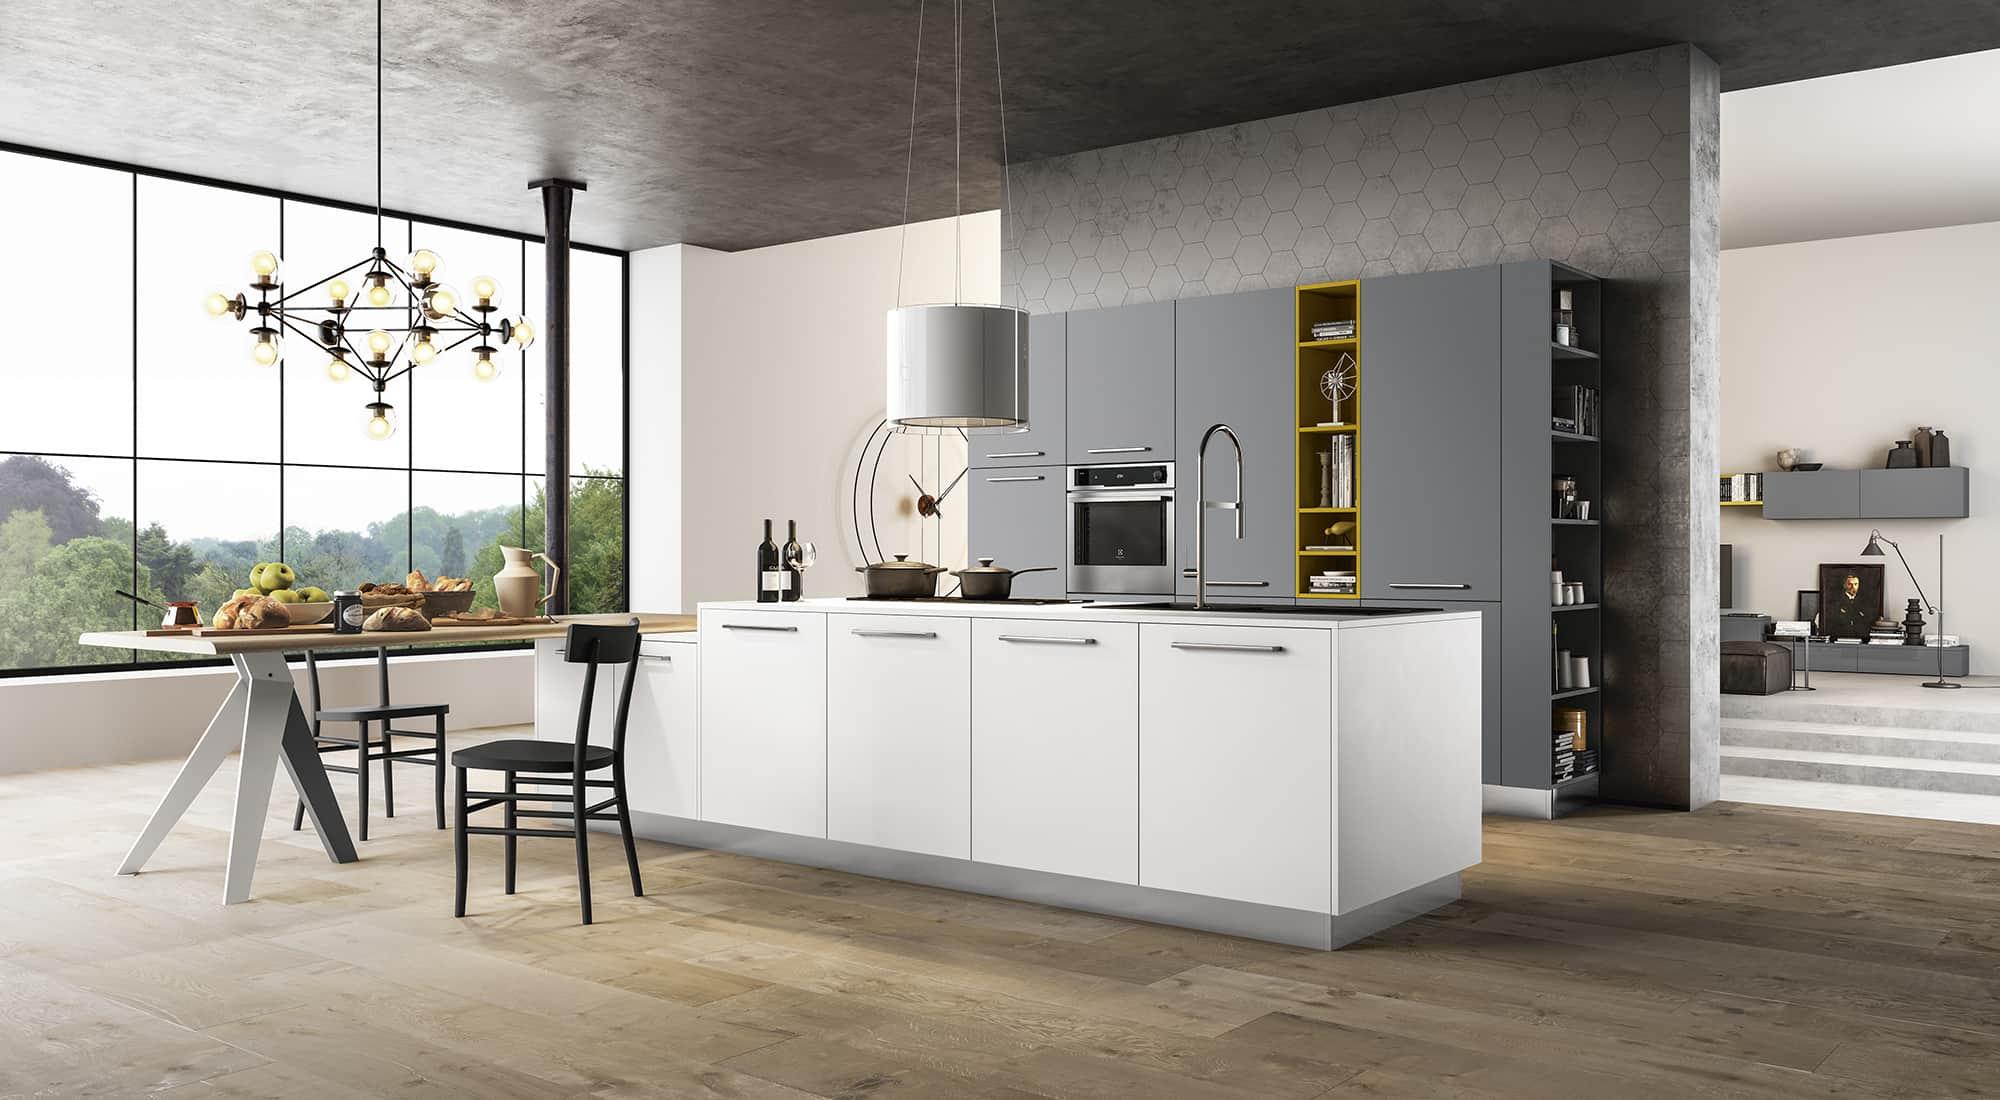 progetto cucina artematica vitrum valcucine con rendering. soggiorno ...